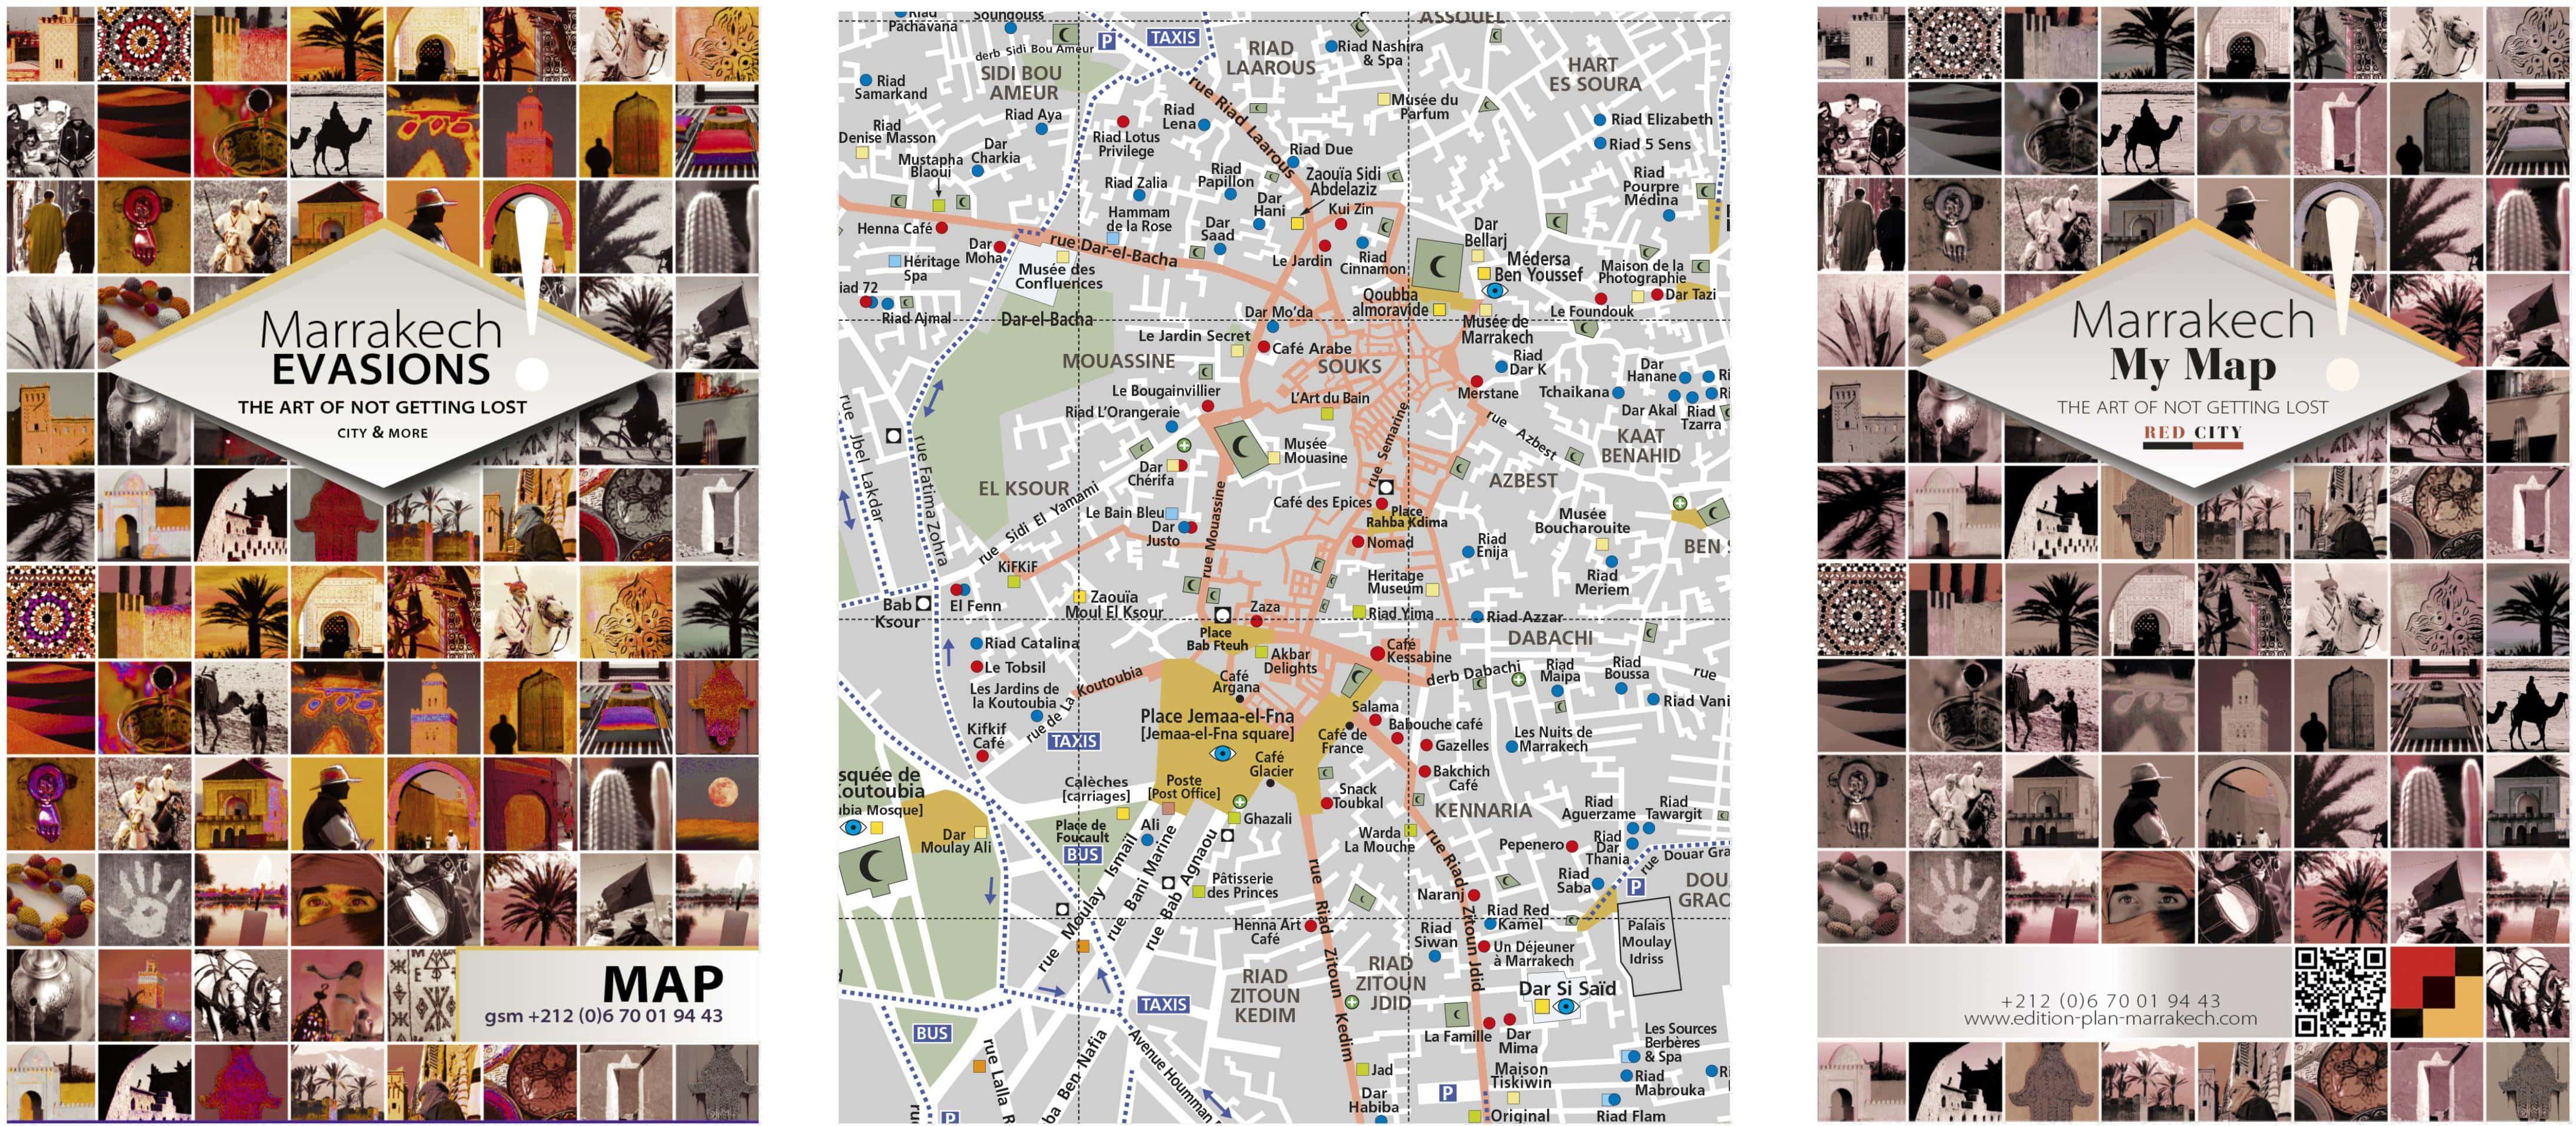 Maps of Marrakech